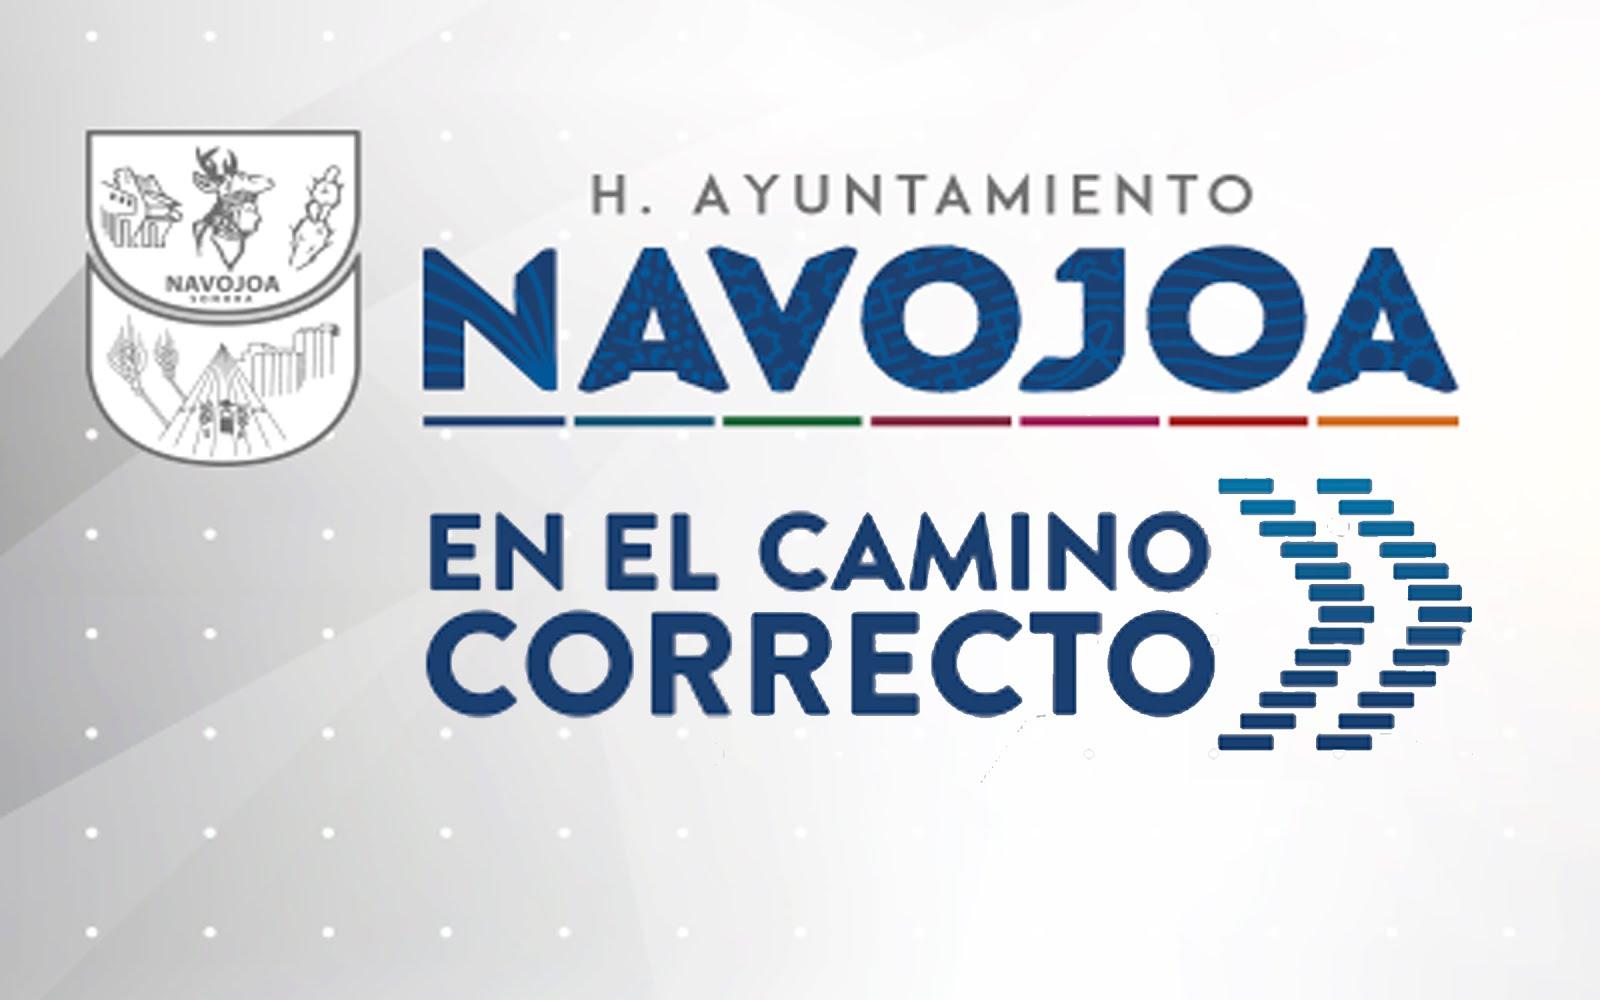 GOBIERNO MUNICIPAL 2015 - 2018